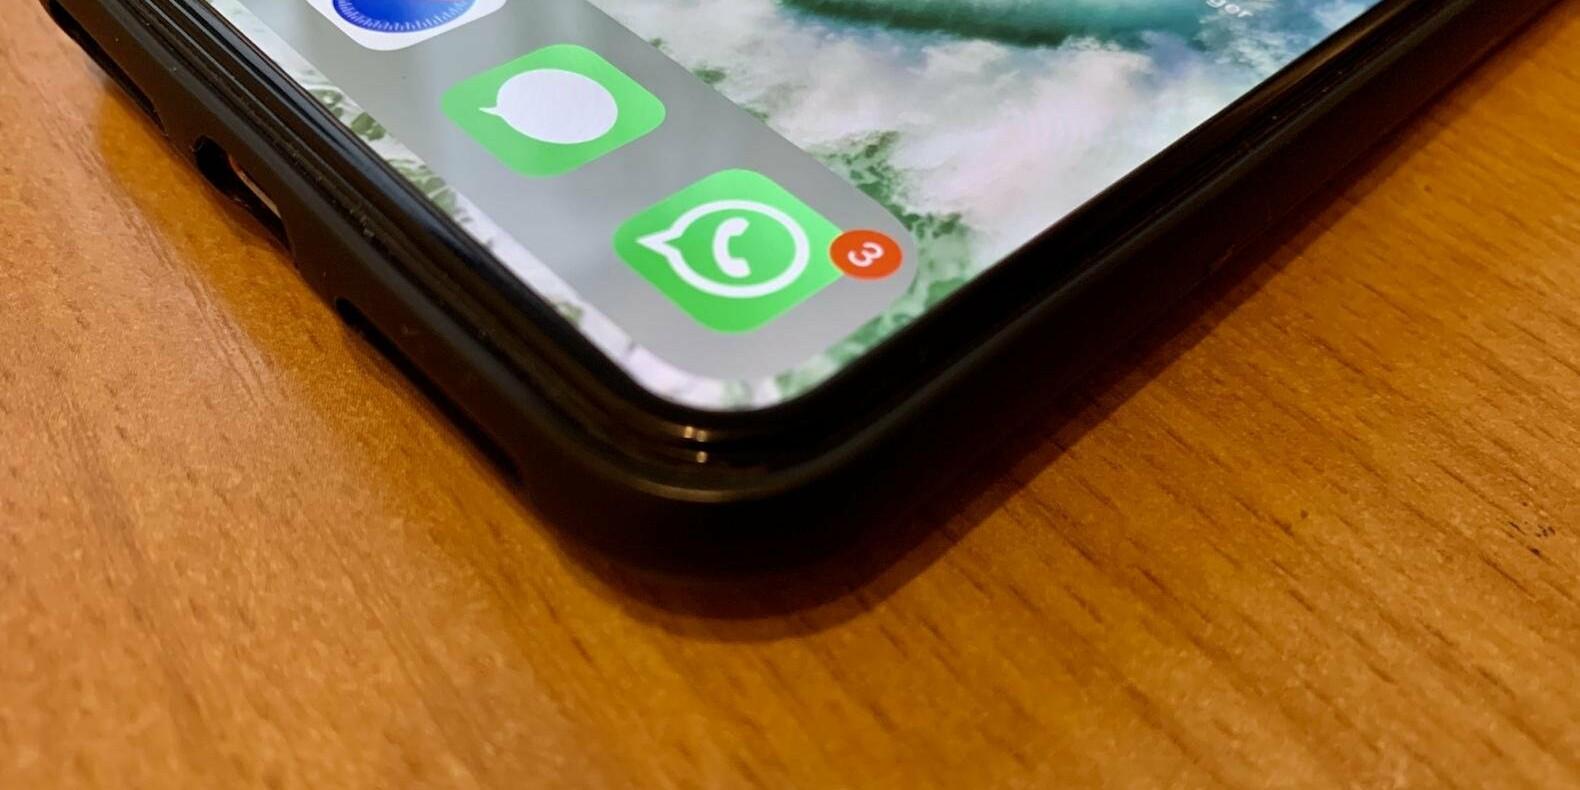 WhatsApp внедрит функцию для переноса чатов между устройствами на iOS и Android